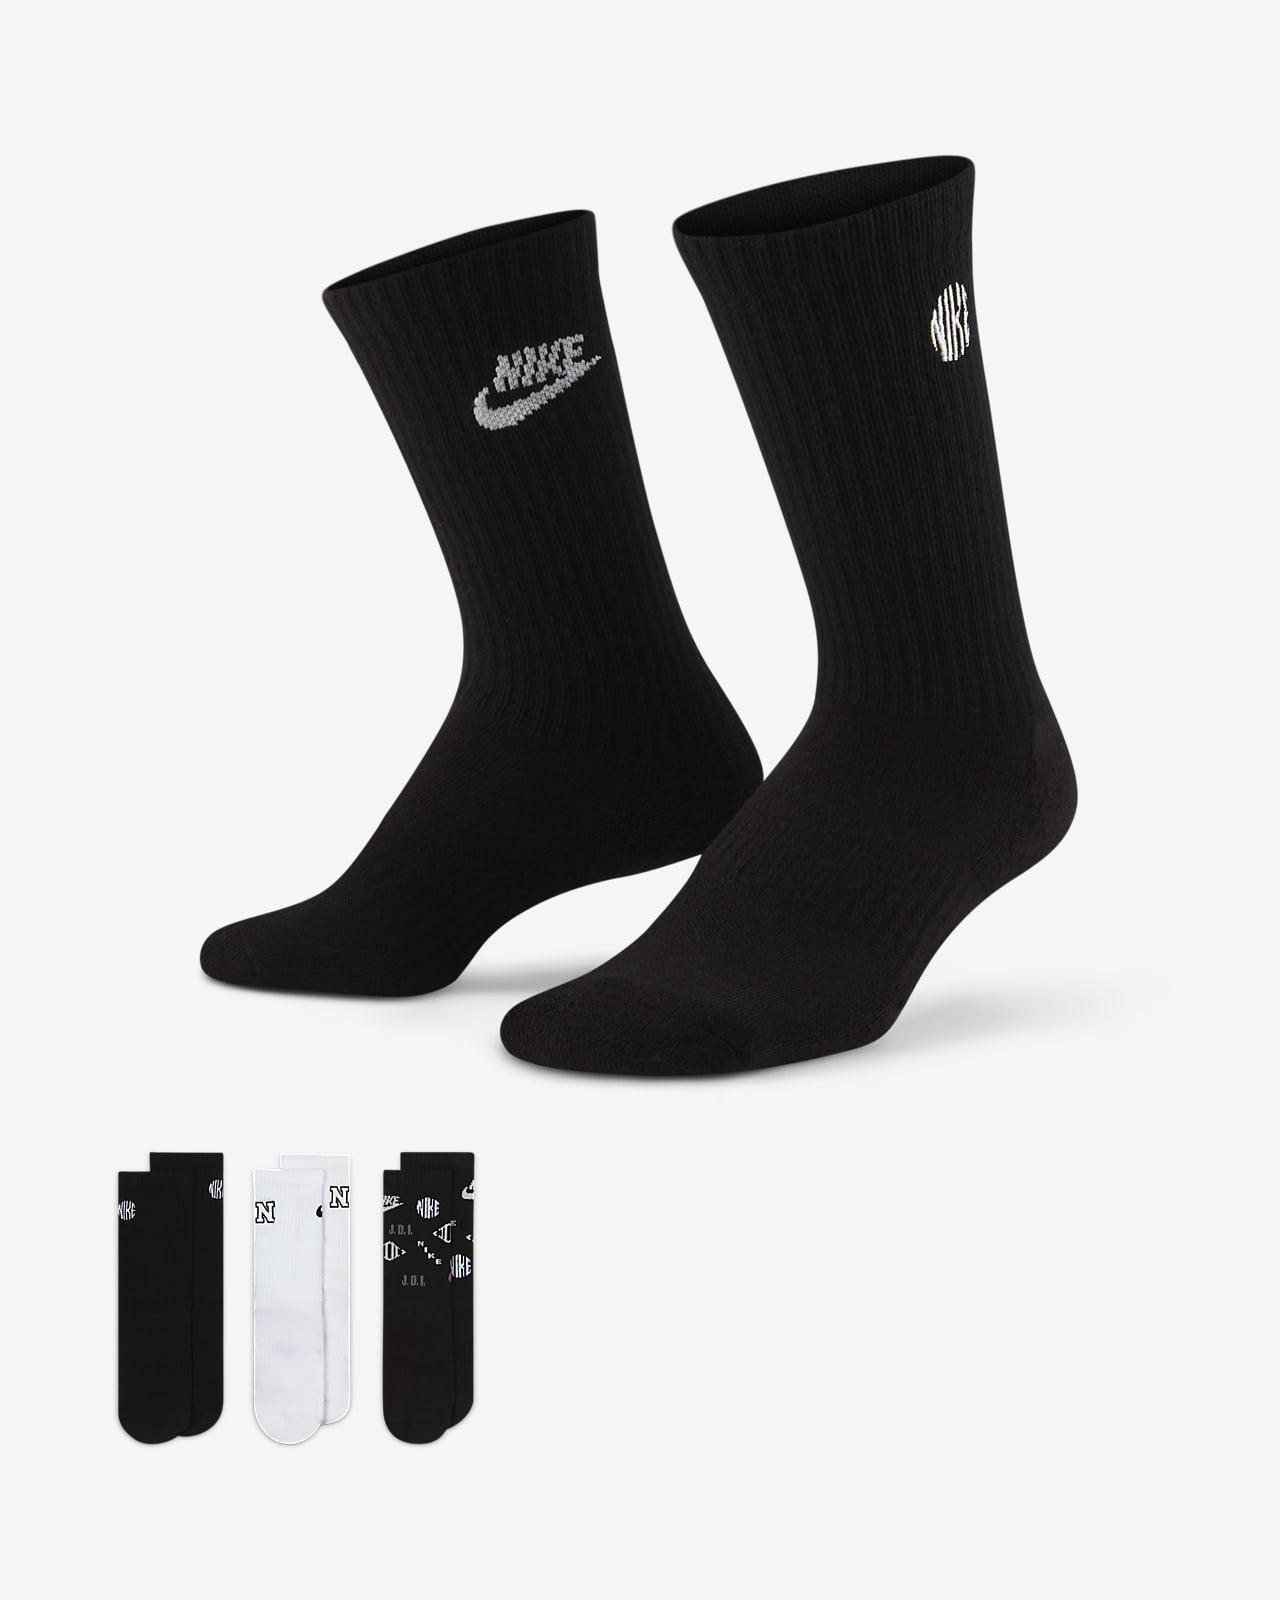 Calze ammortizzate di media lunghezza Nike Everyday - Bambini (3 paia)